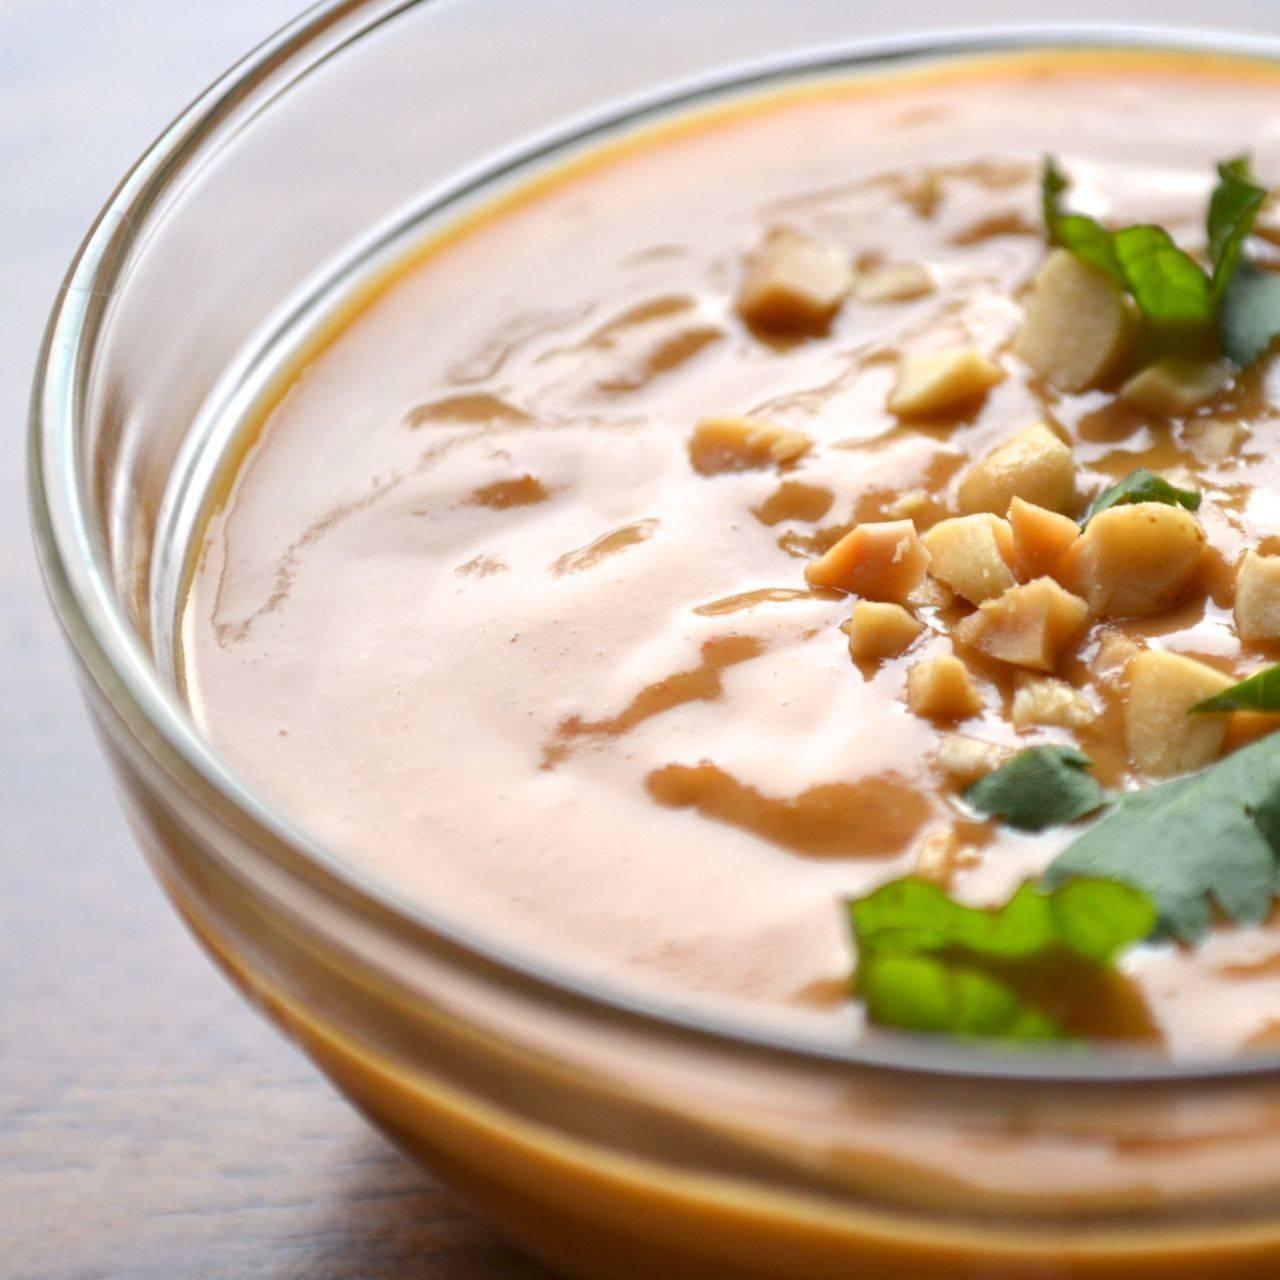 Домашние соусы. 16 несложных рецептов на любой вкус - соусы, приправы